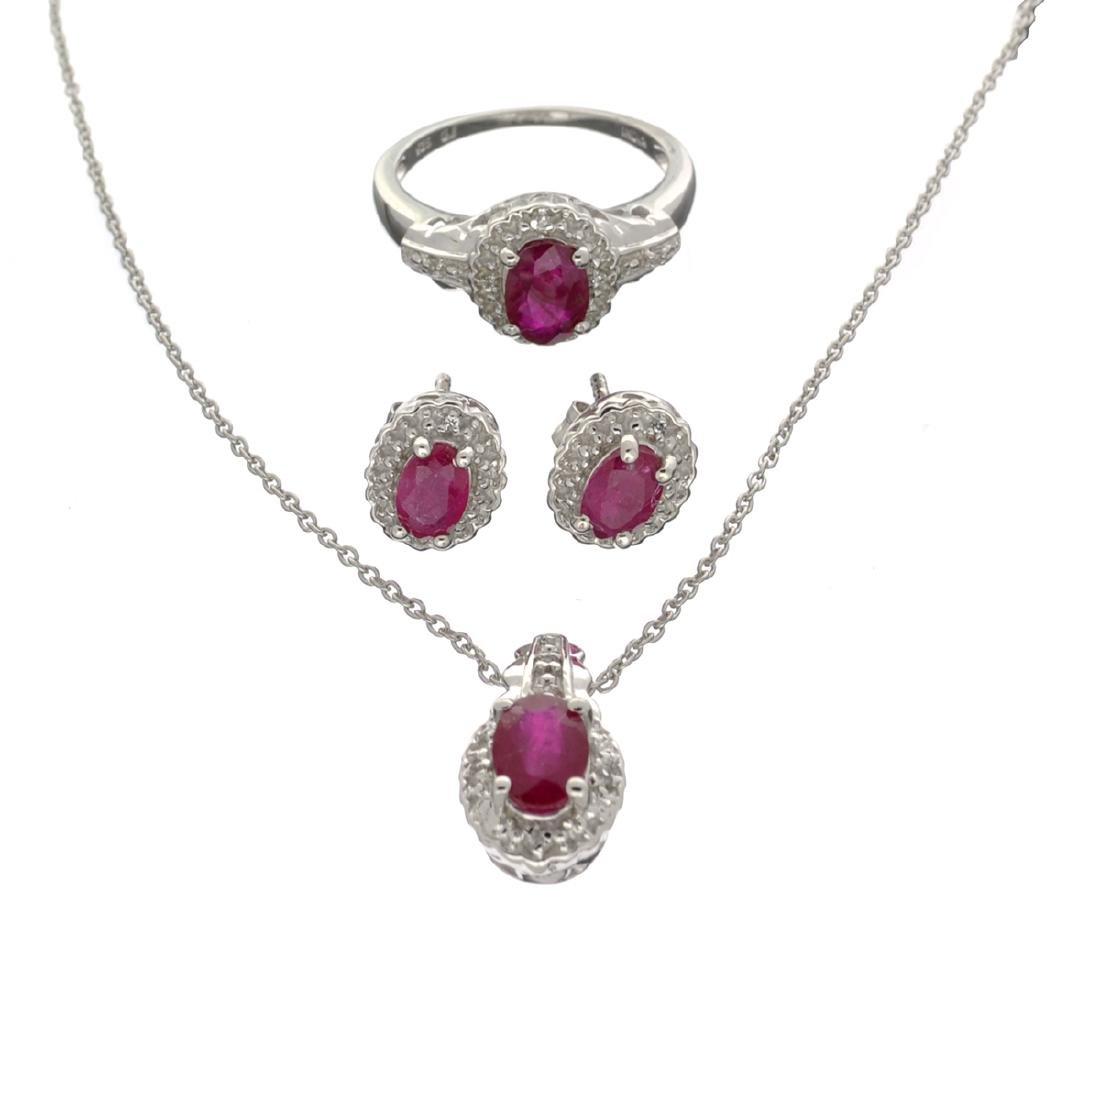 APP: 1k Fine Jewelry 3.18CT Ruby / White Topaz And